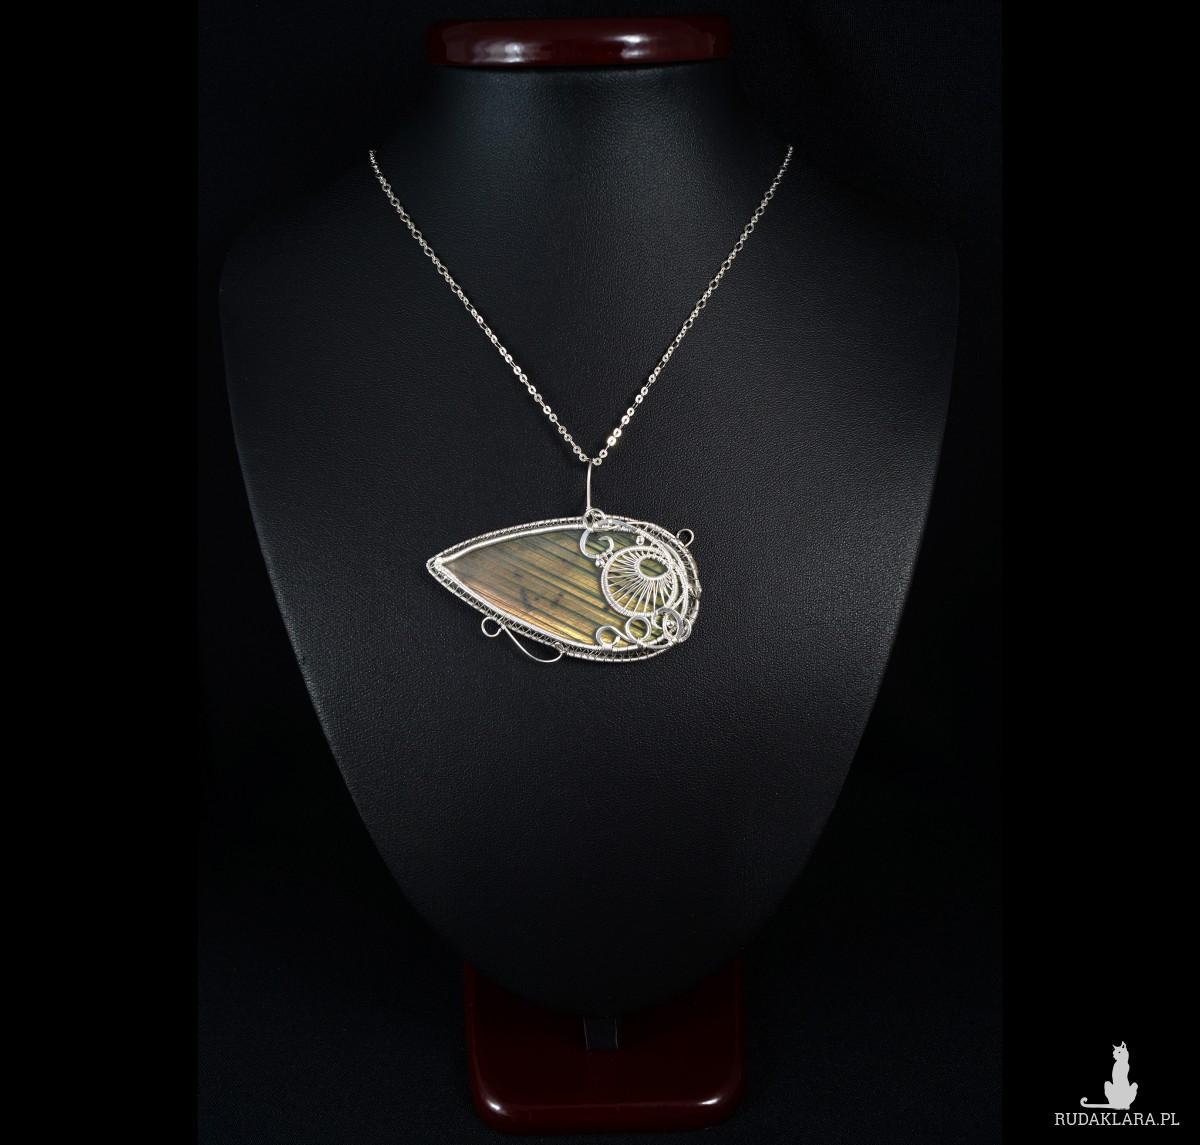 Pomarańczowy Labradoryt, Srebrny wisiorek z Labradorytem, ręcznie wykonany, prezent dla niej, prezent dla mamy, prezent urodzinowy,